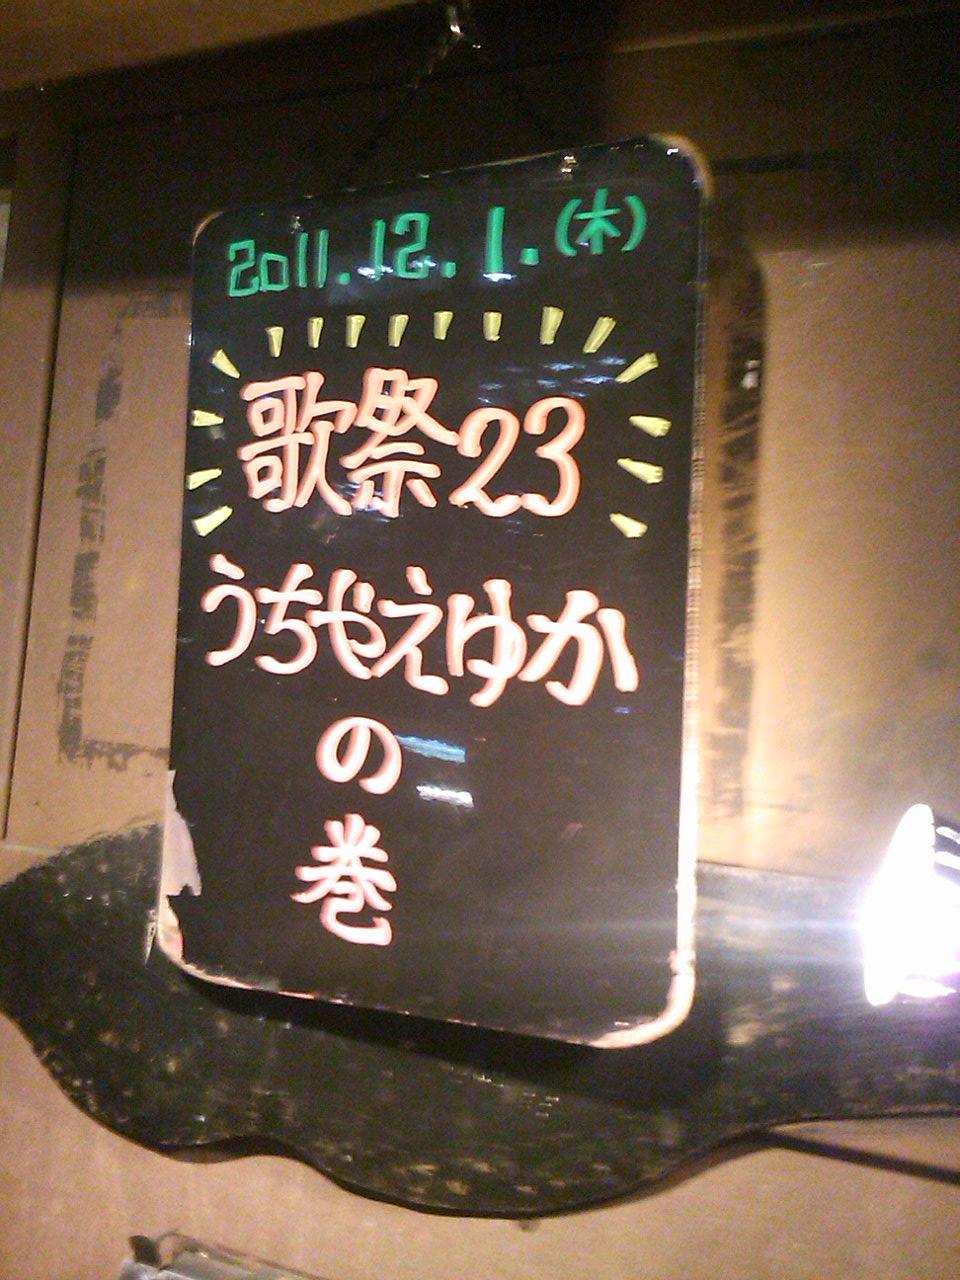 Sn3n0043